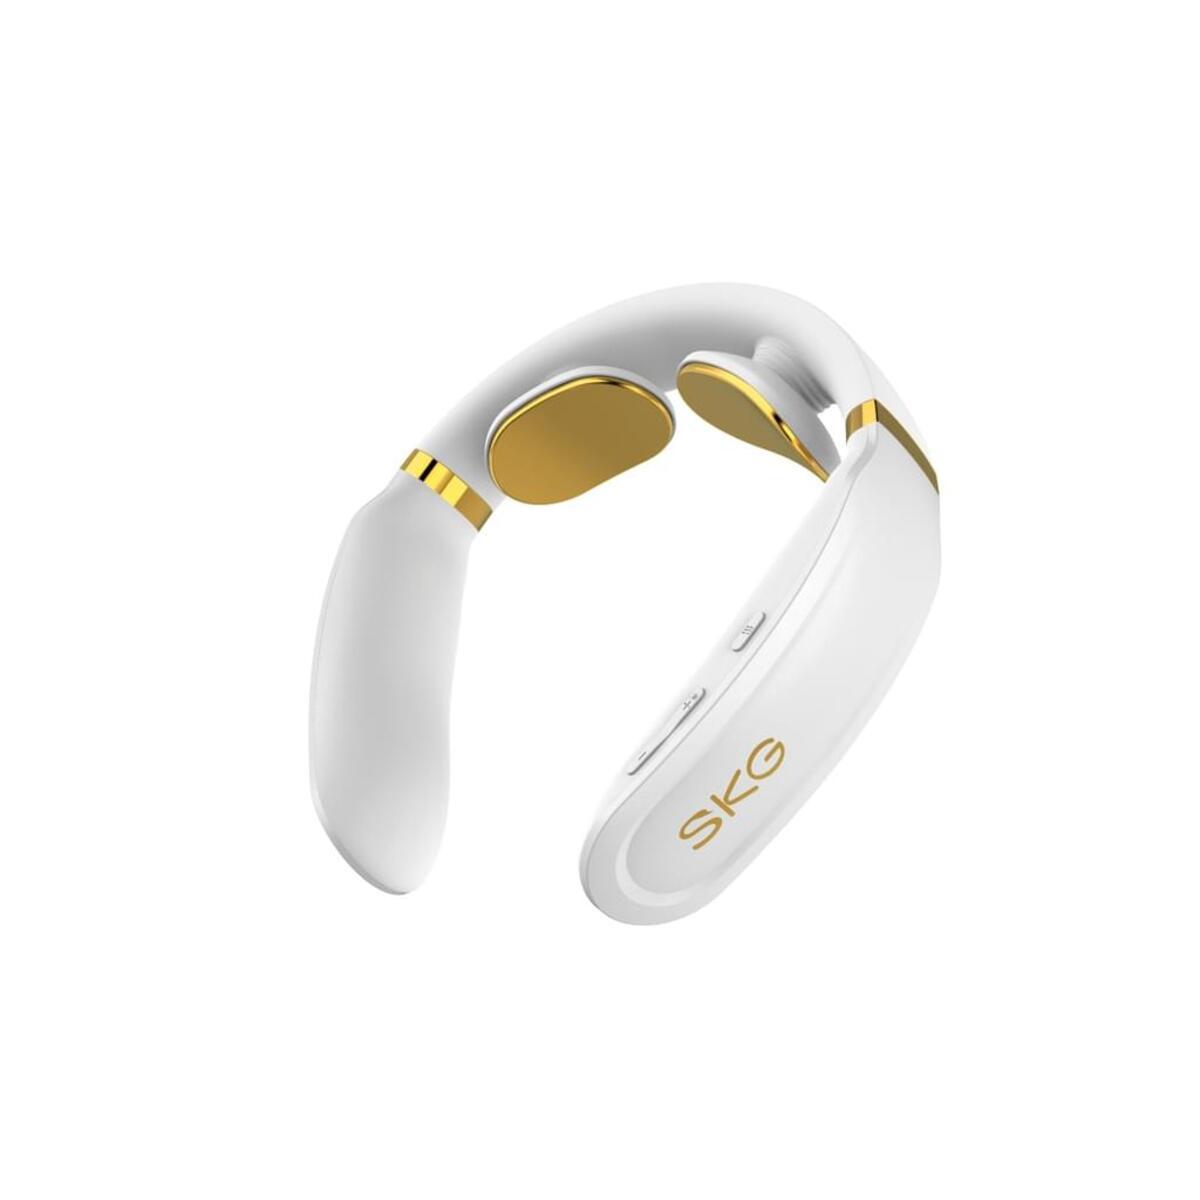 Bild 2 von SKG Nackenmassagegerät, K6E-WHITE, weiß